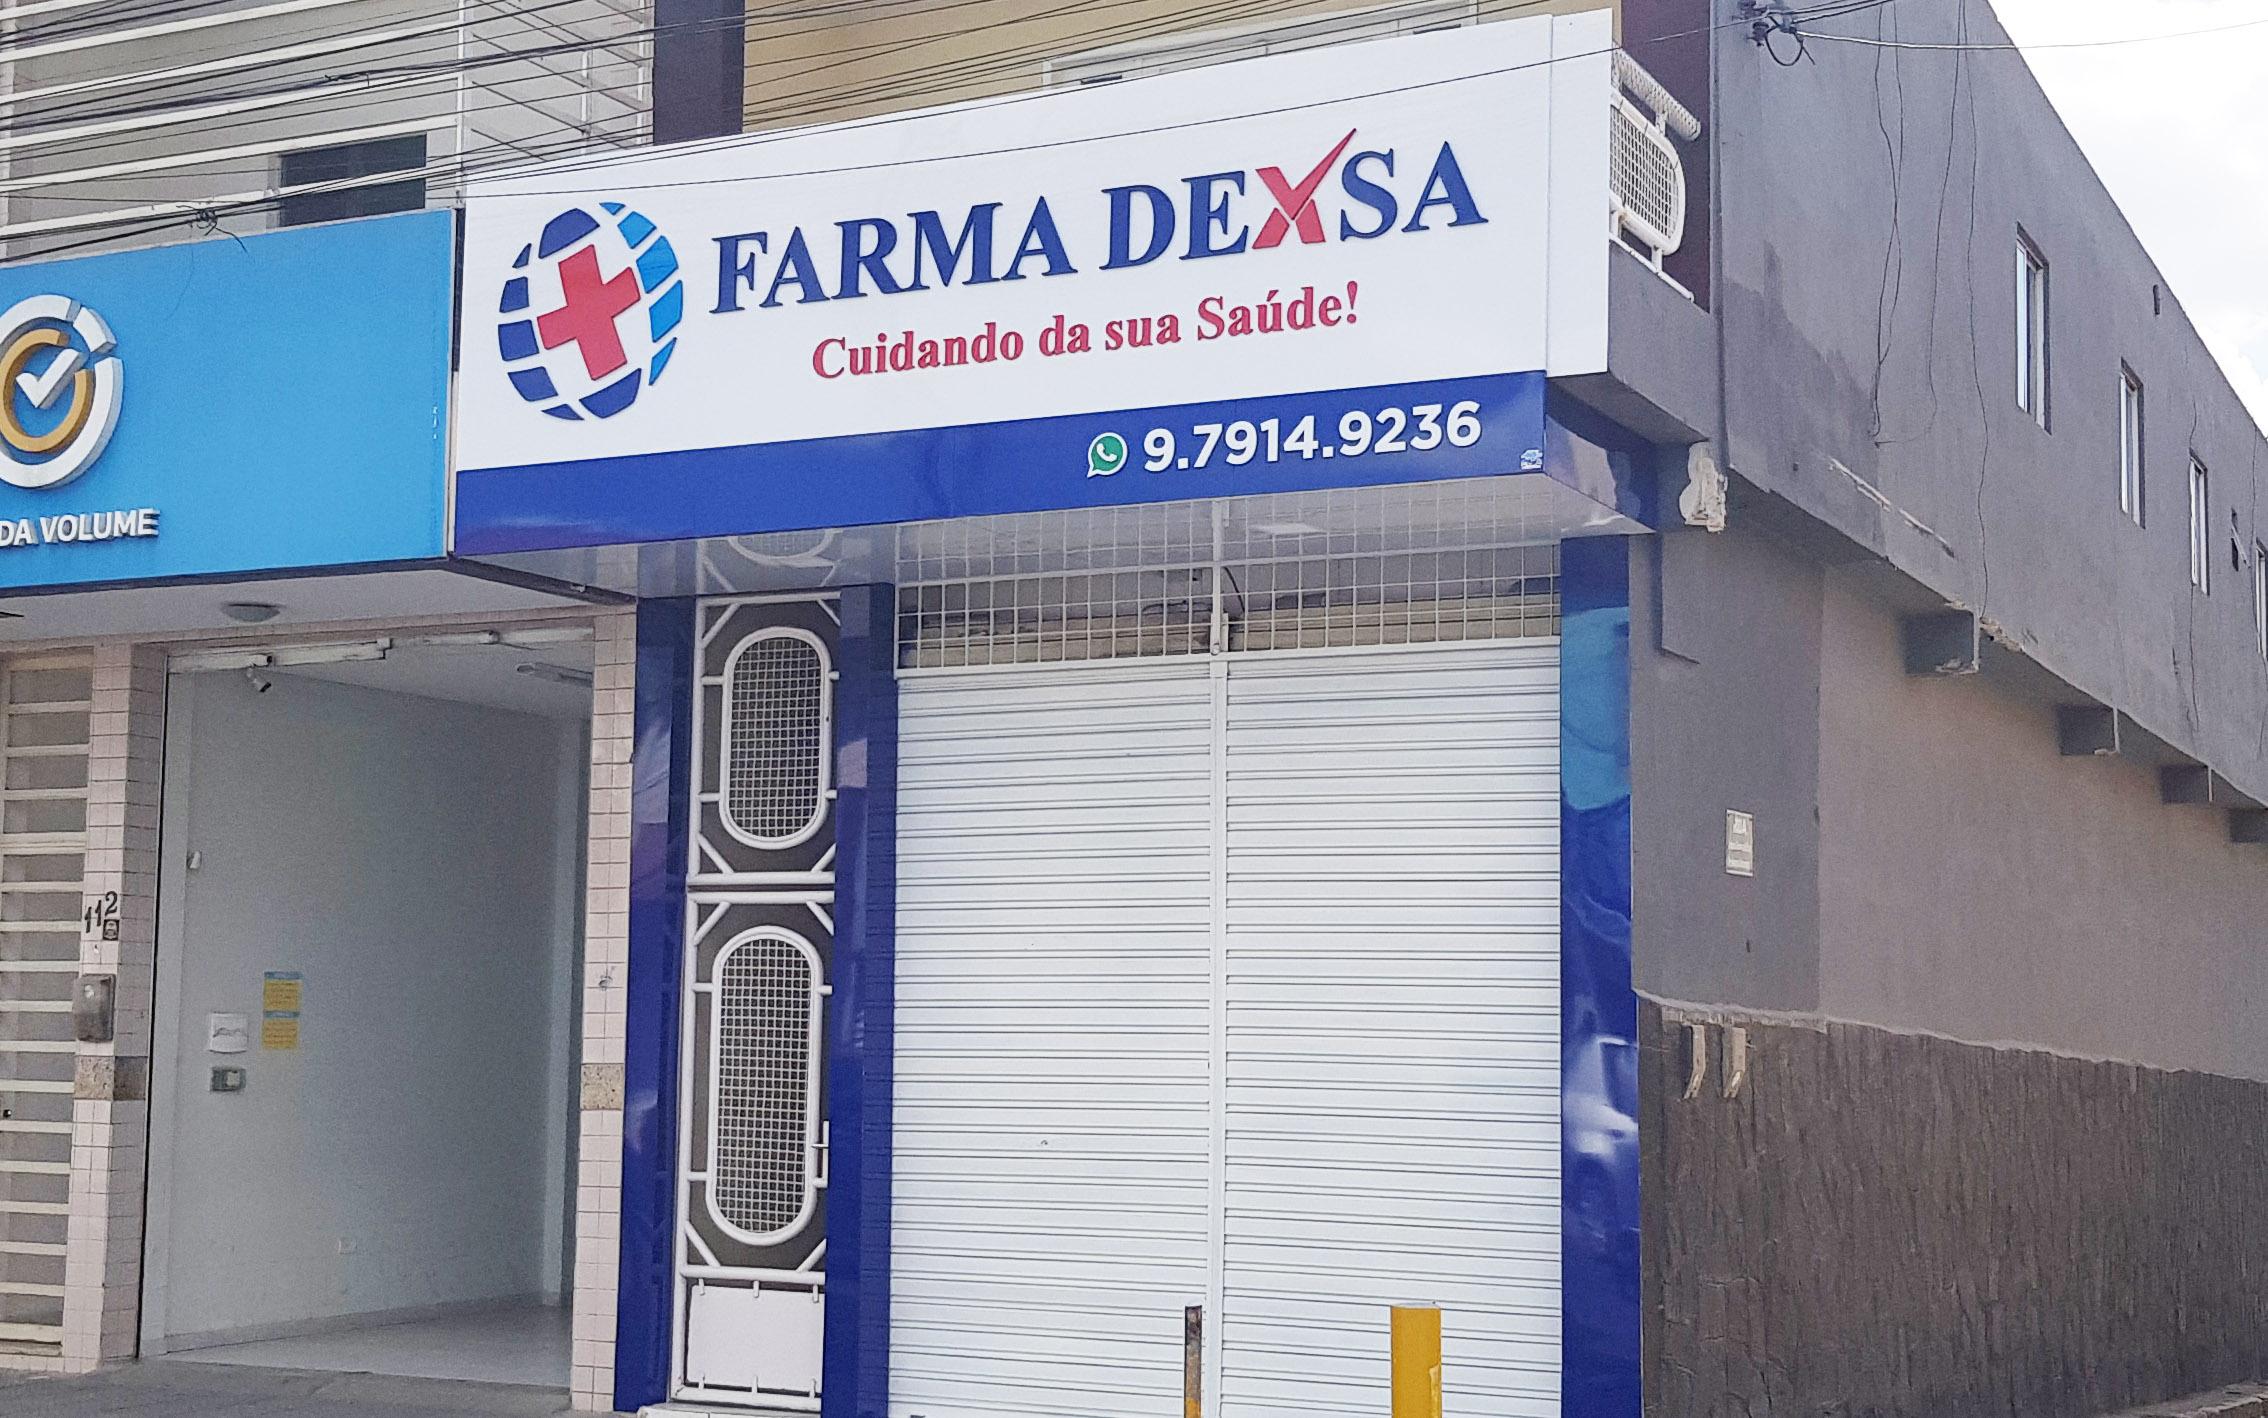 https://0201.nccdn.net/1_2/000/000/191/688/atelier2---farma-dexsa.jpg